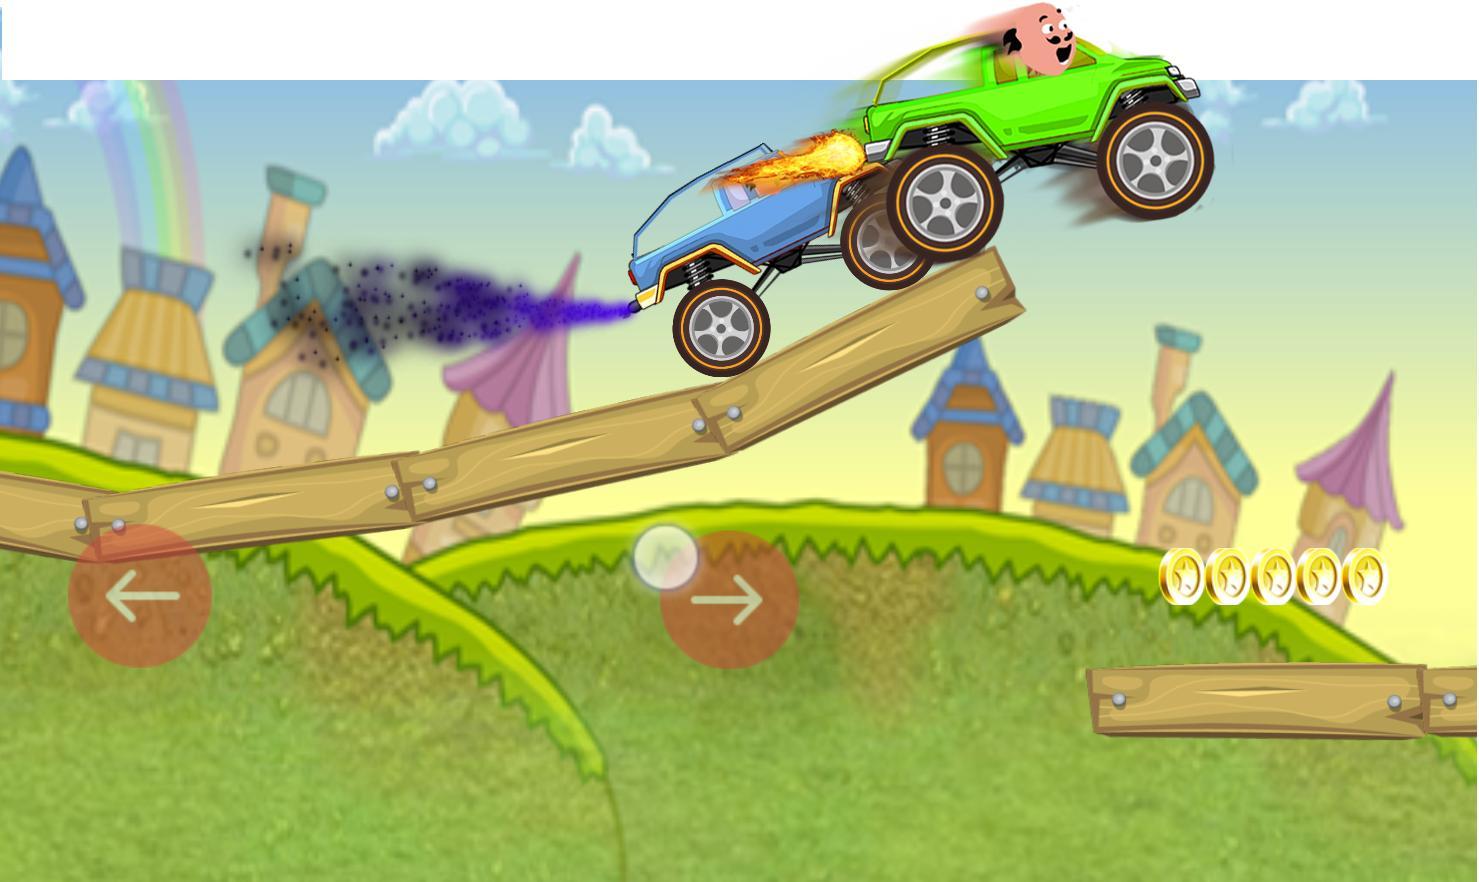 Motu Racing: Hill climb truck race patlu 10 screenshot 1